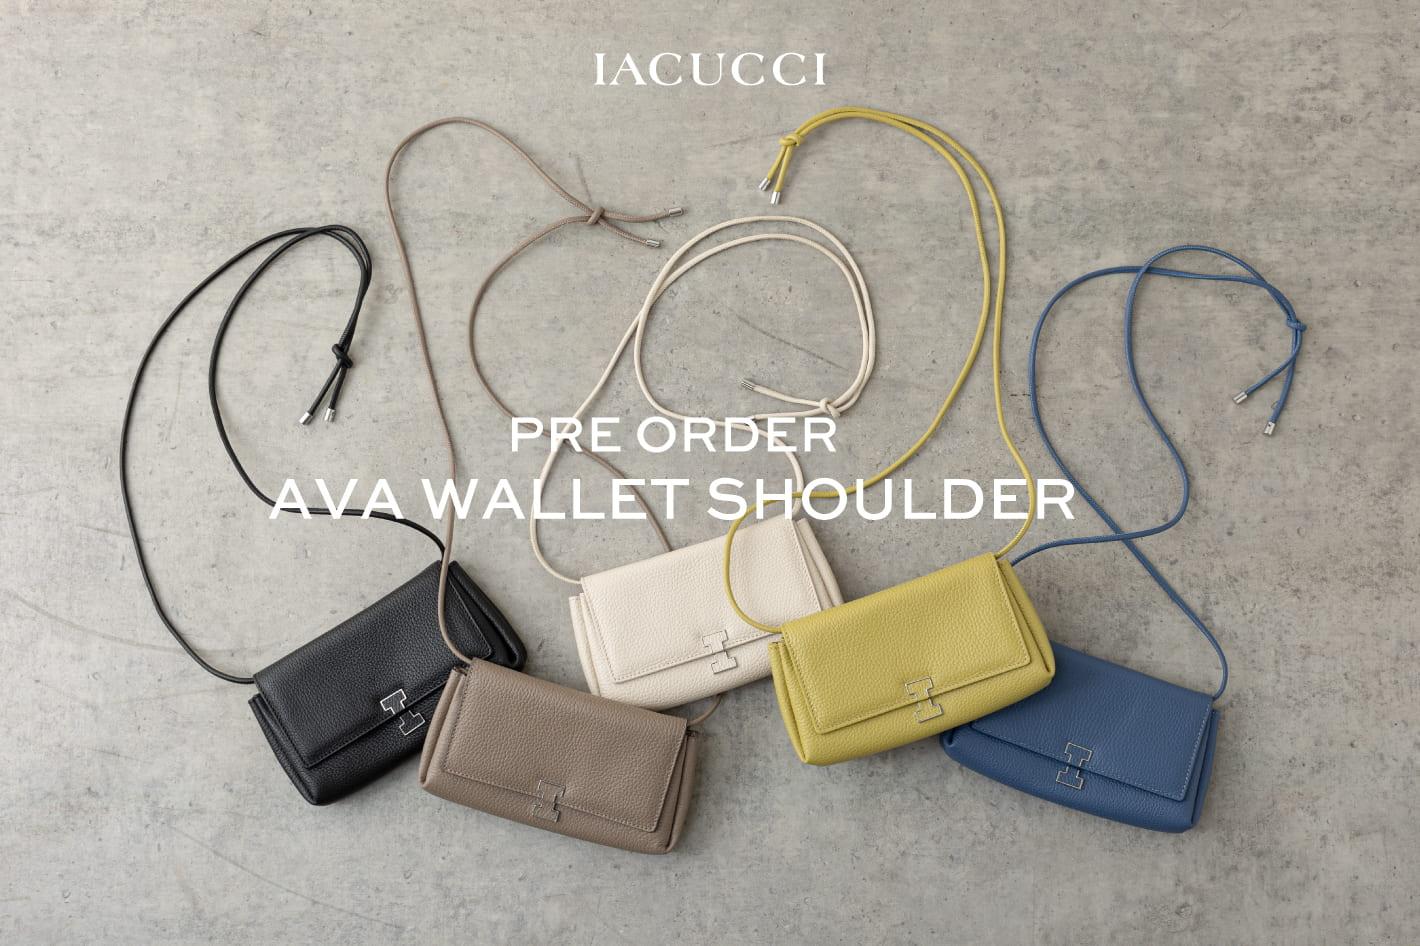 IACUCCI ≪PRE ORDER≫AVA-wallet shoulder- debut!